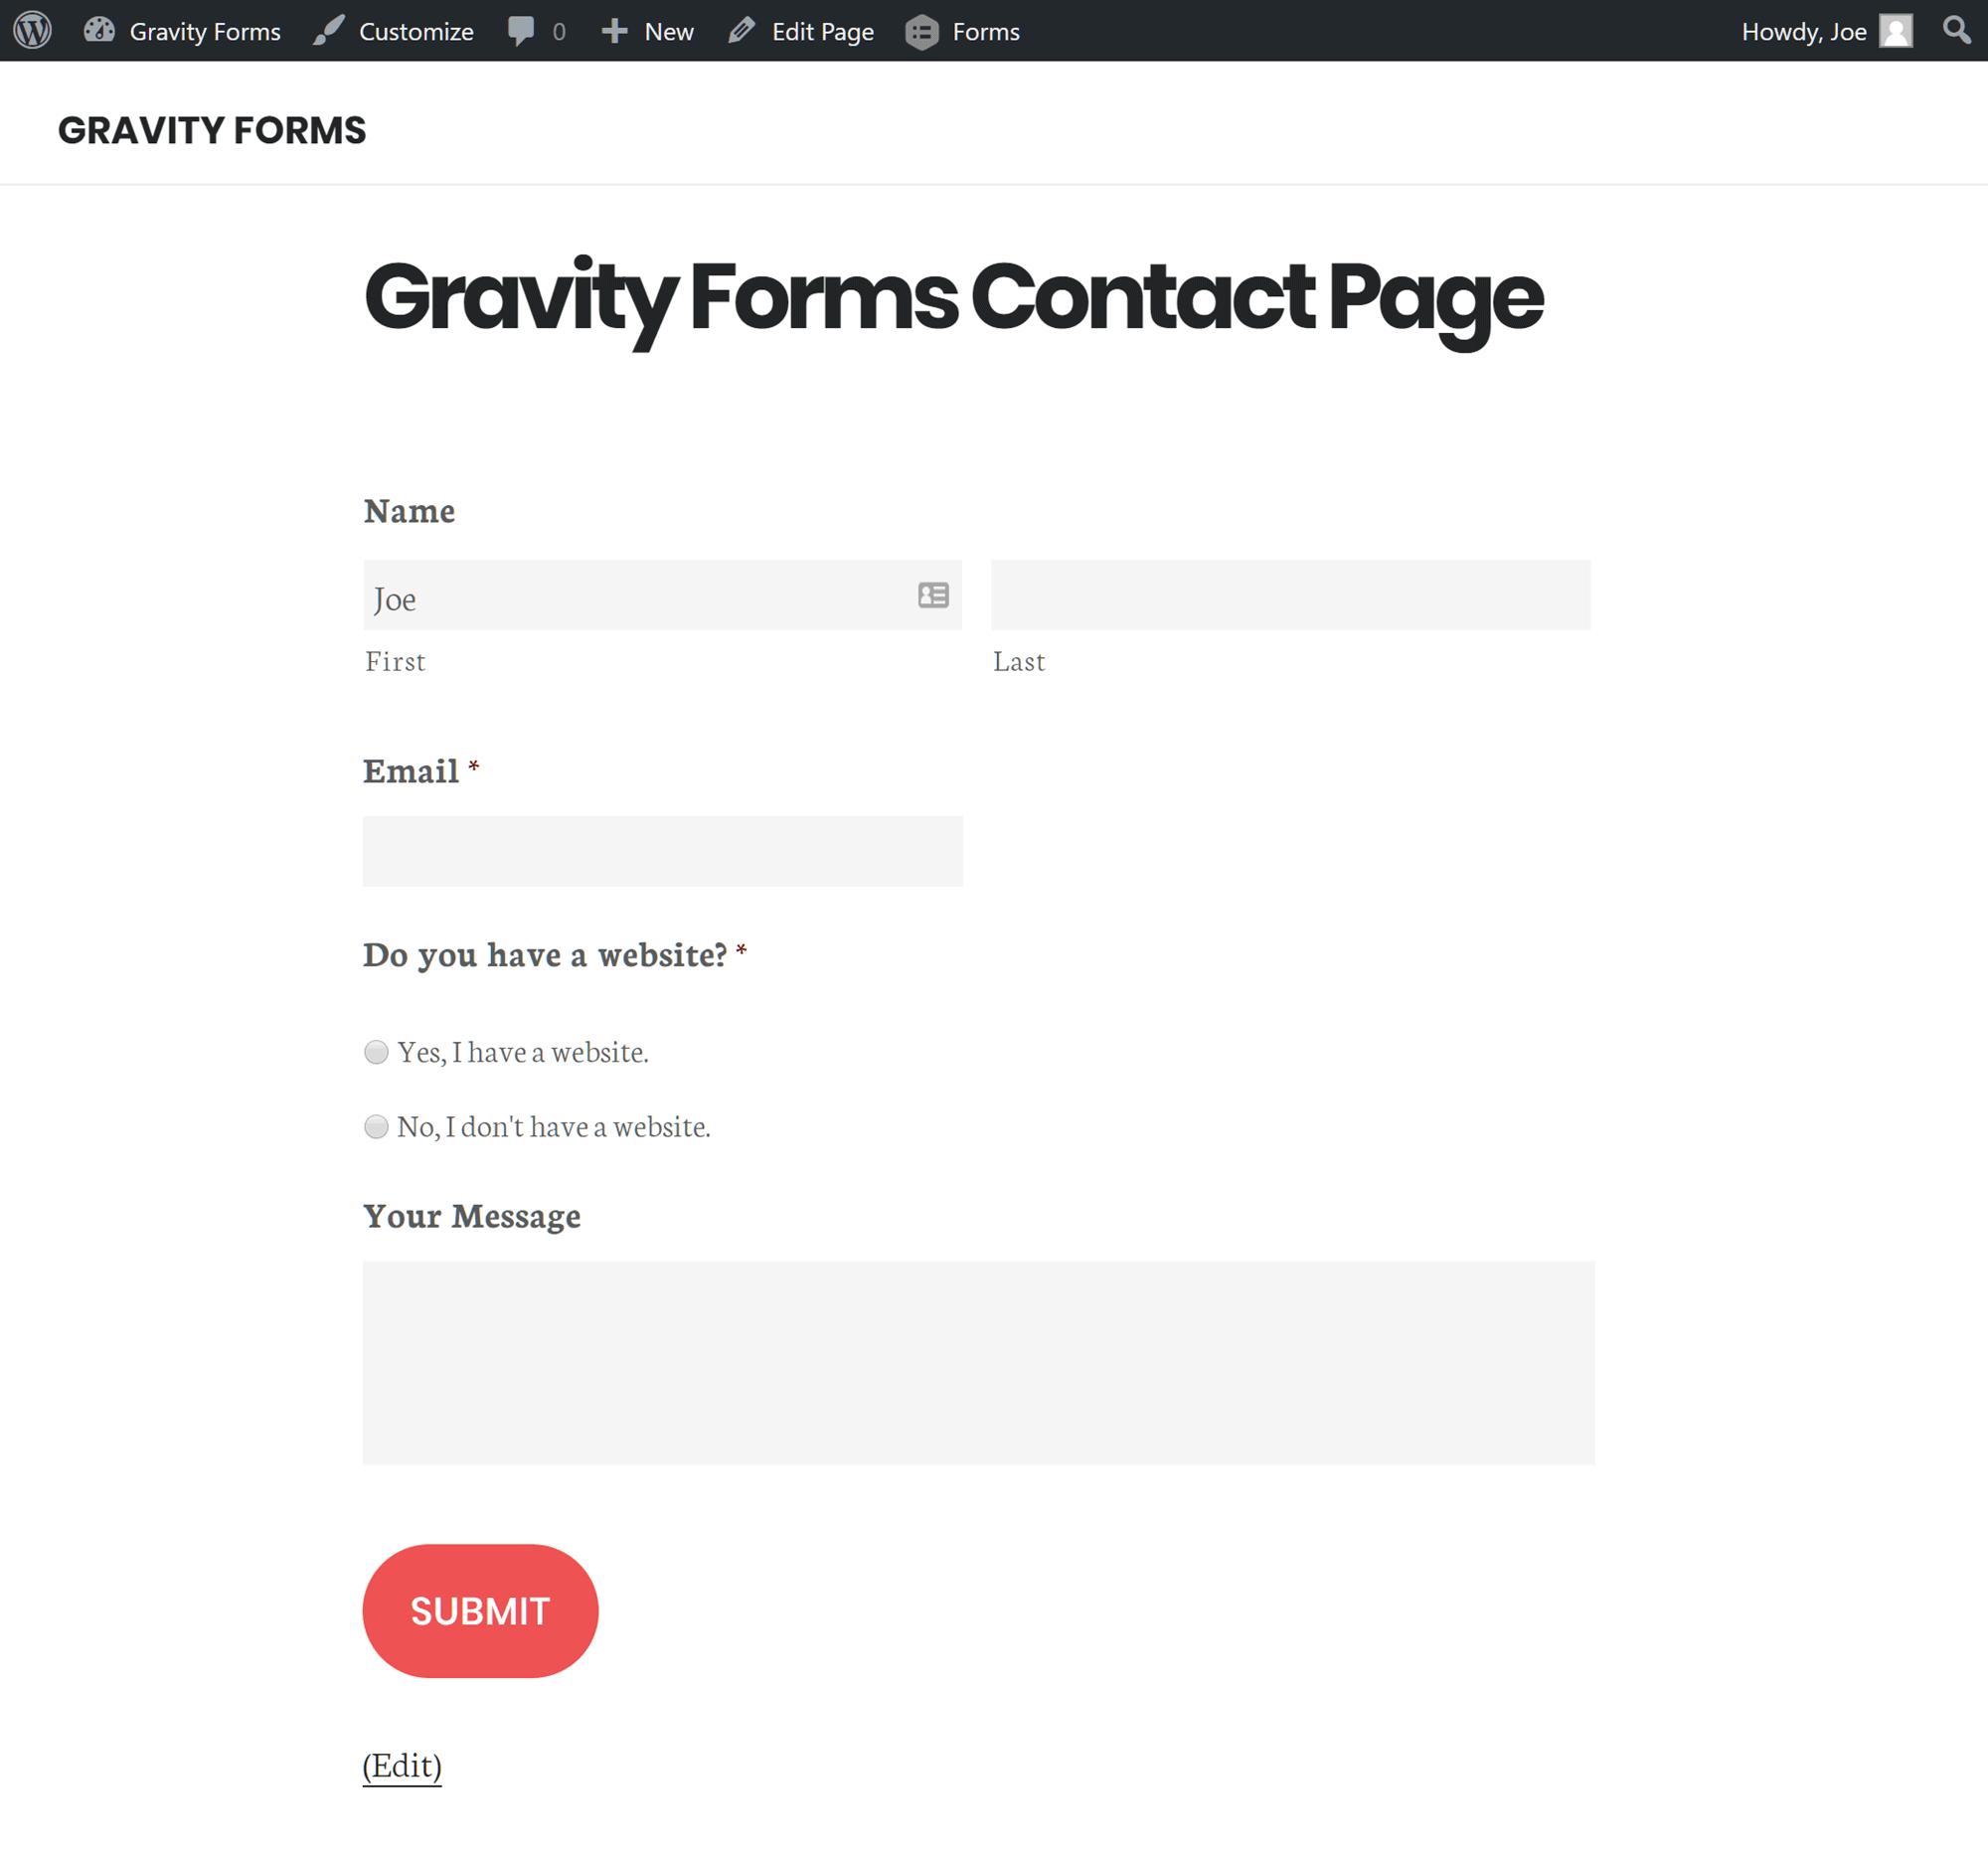 Vista previa real de un formulario de gravedad